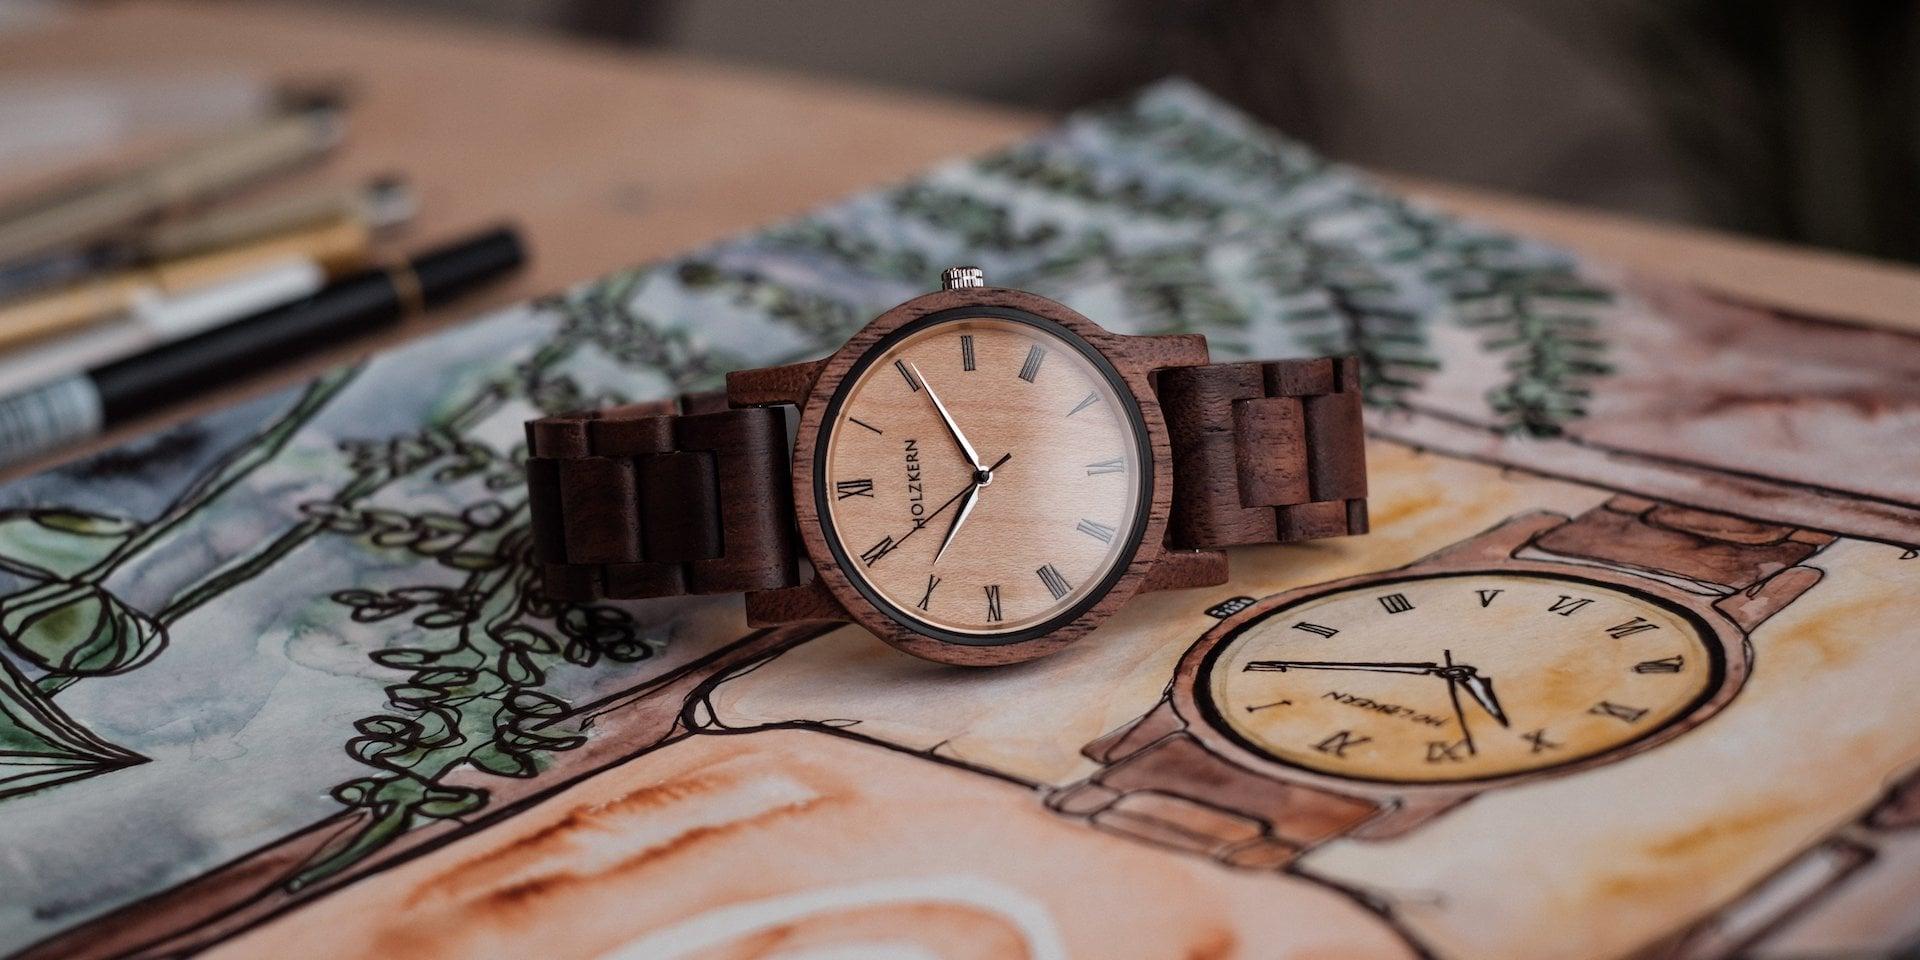 Les accessoires naturels Holzkern : À découvrir maintenant